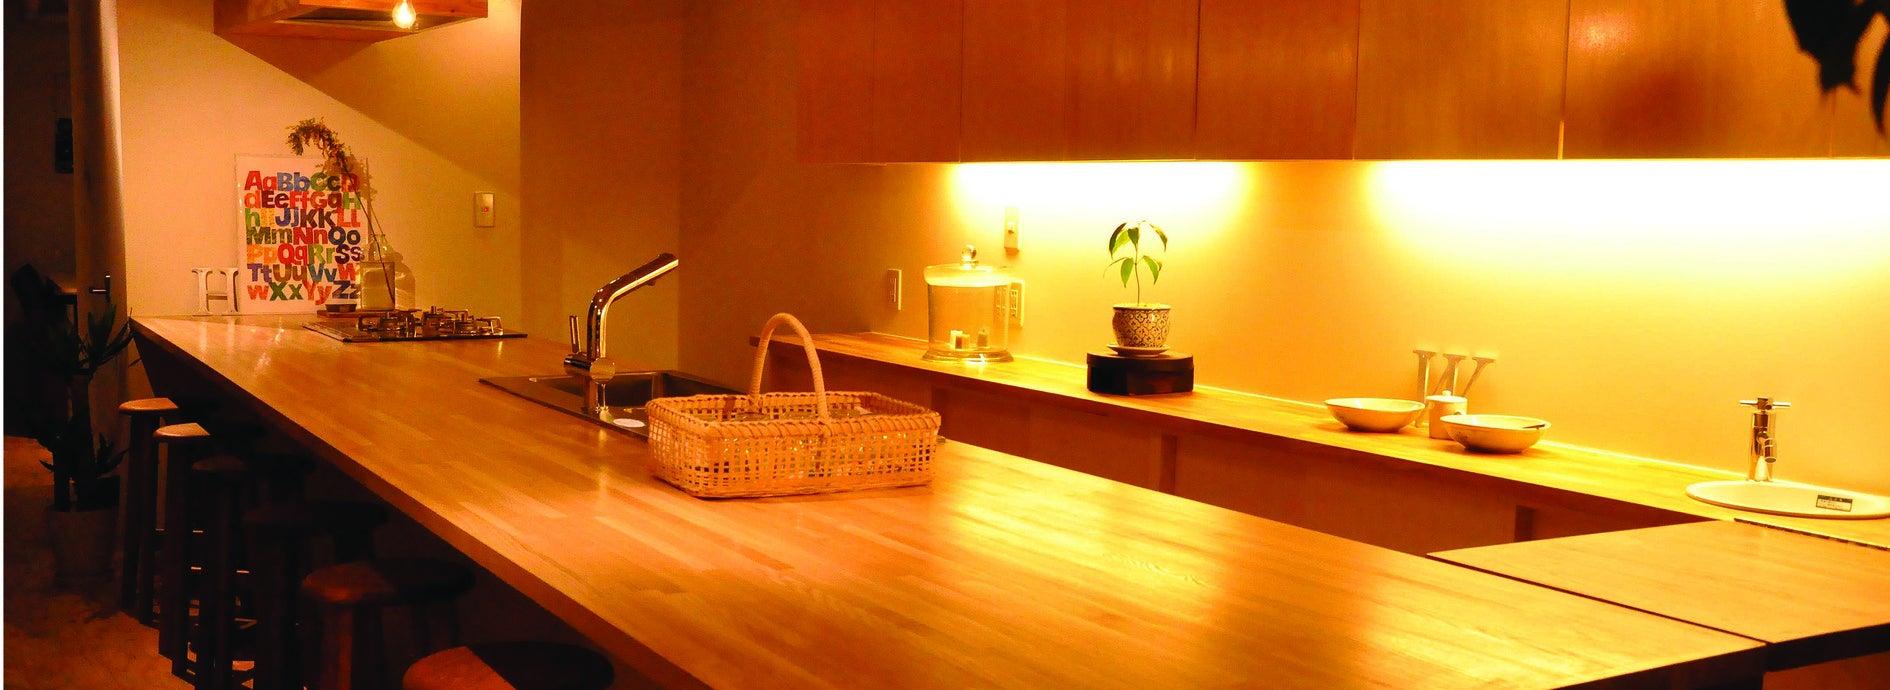 カウンターキッチン付きの小さなスペース!各種パーティーや料理教室、各種撮影や展示などに!(カウンターキッチン付きの小さなスペース!各種パーティーや料理教室、各種撮影や展示などに!) の写真0